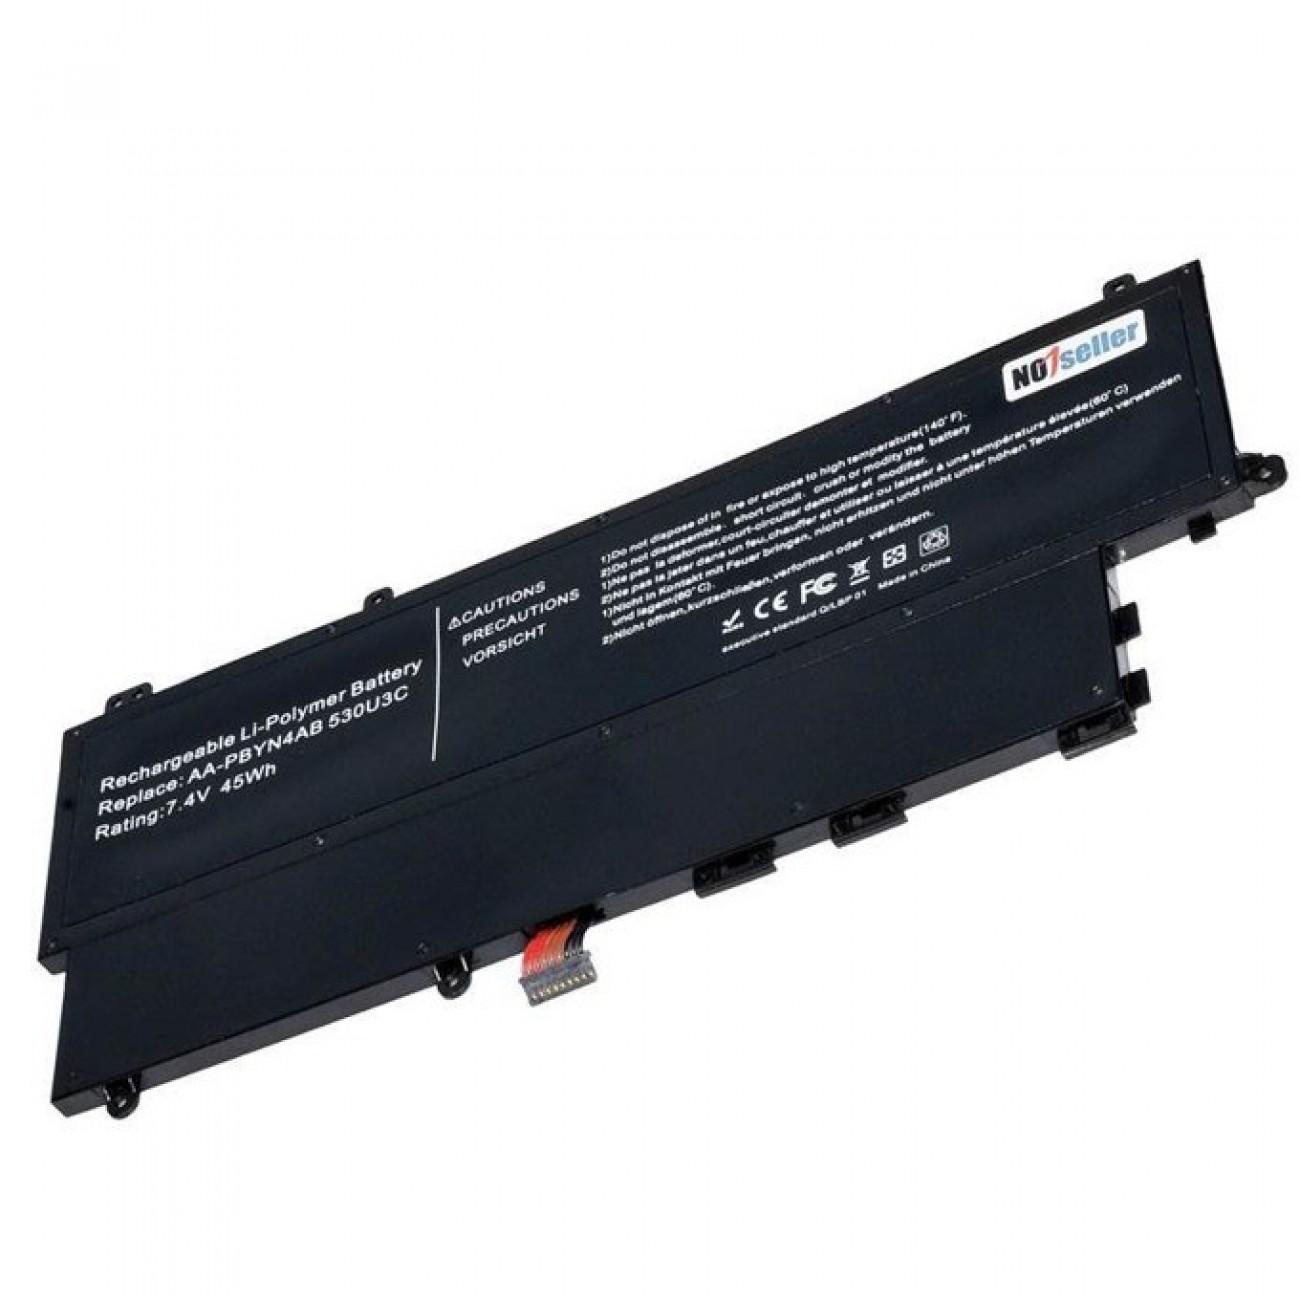 Батерия (заместител) за Лаптоп Samsung NP530U3 NP530U3B NP530U3C 535U3C, 6-cell, 7.5V, 6930 mAh в Батерии за Лаптоп - Toshiba | Alleop